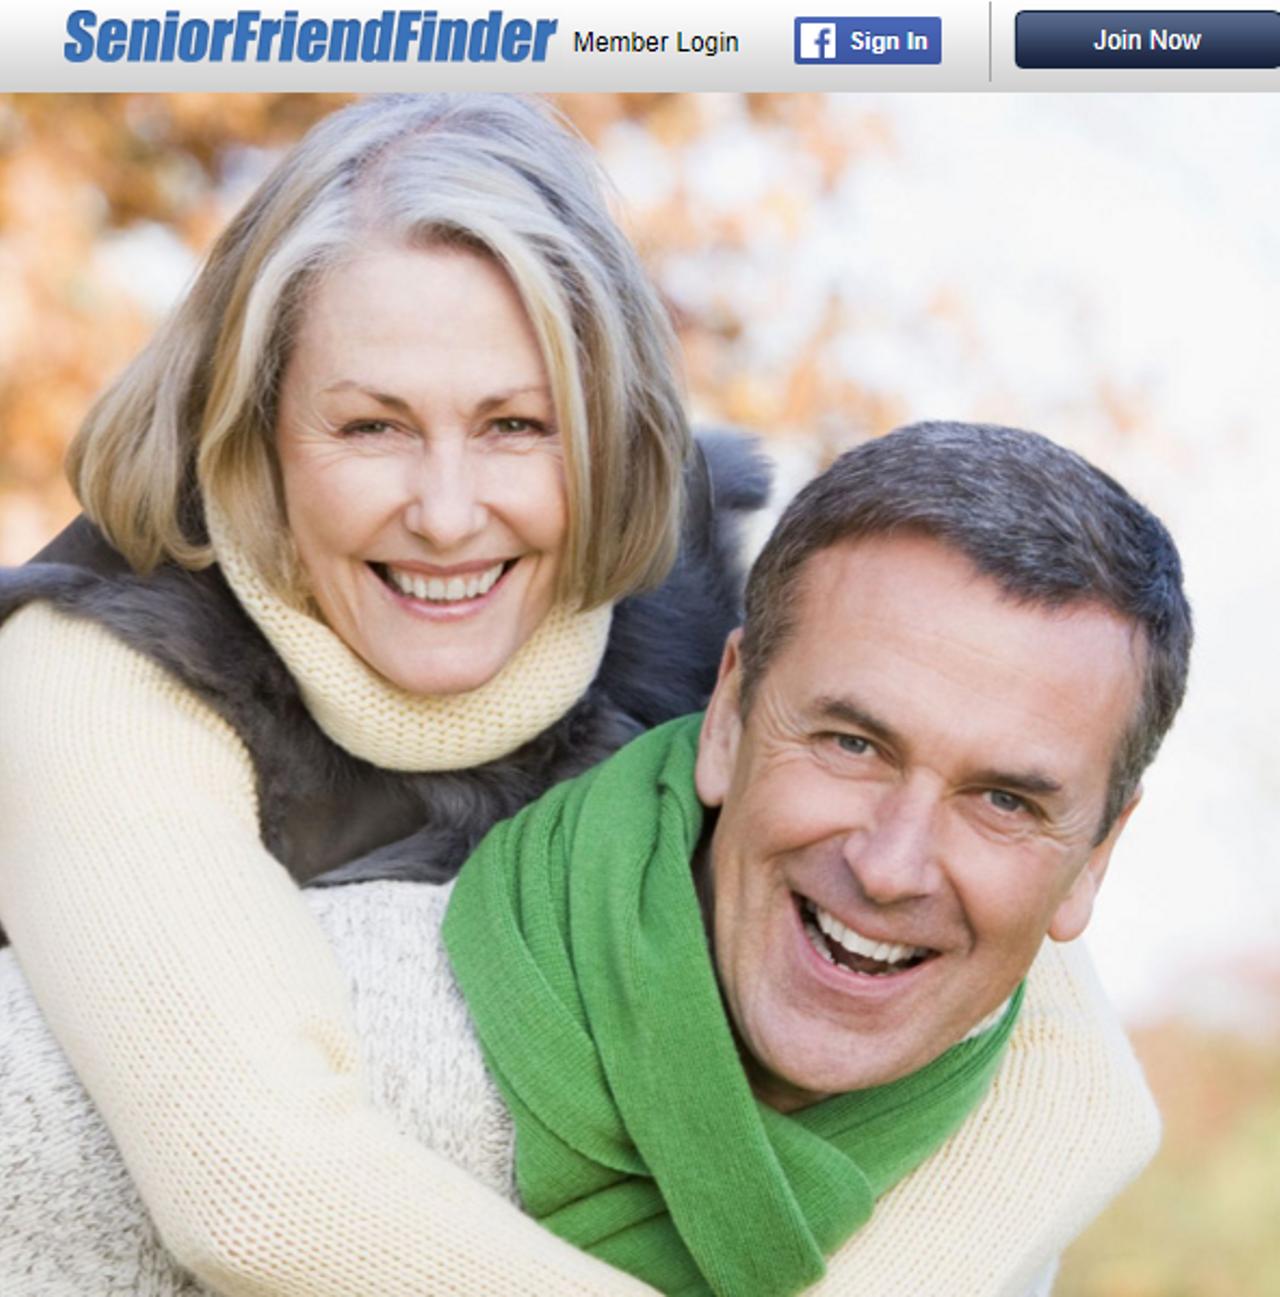 Friend finder member Adult